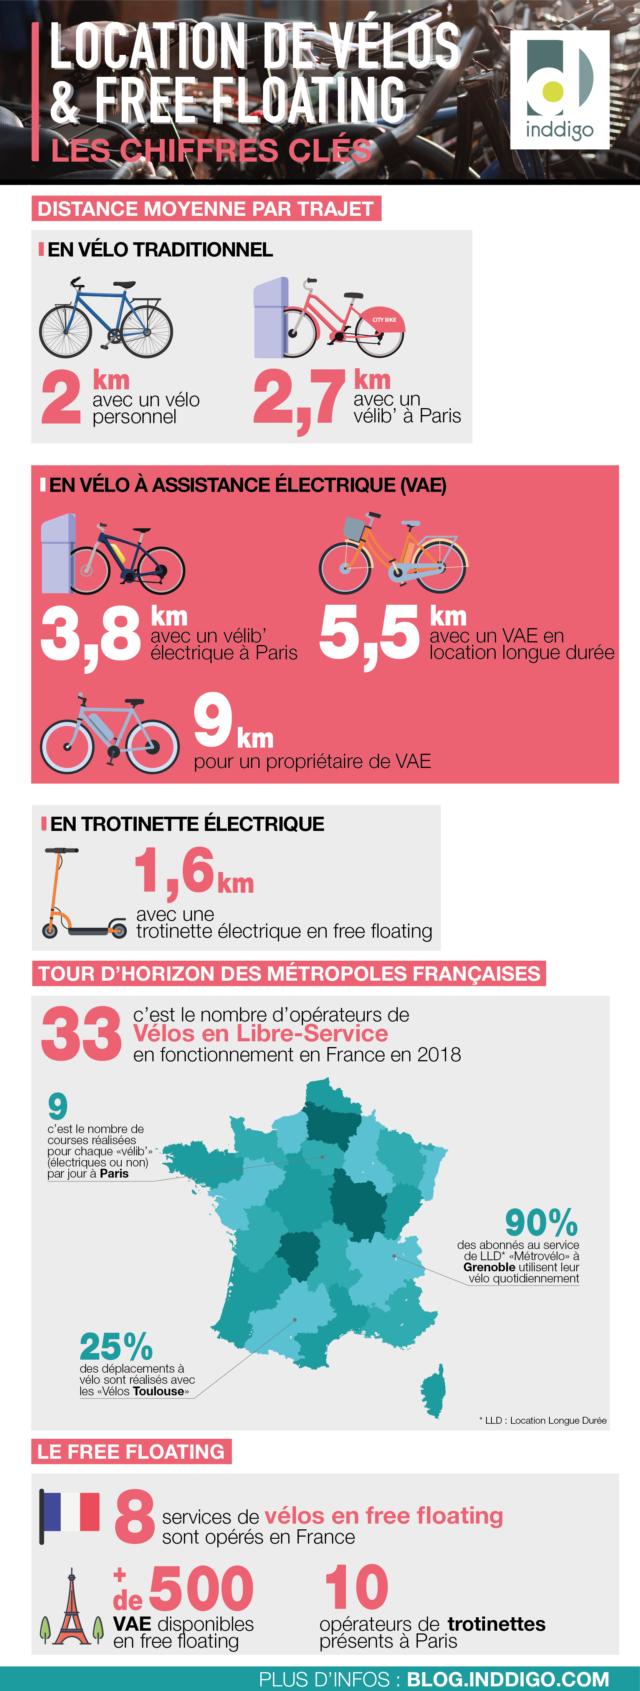 Infographie Marché Location de Vélos et free floating